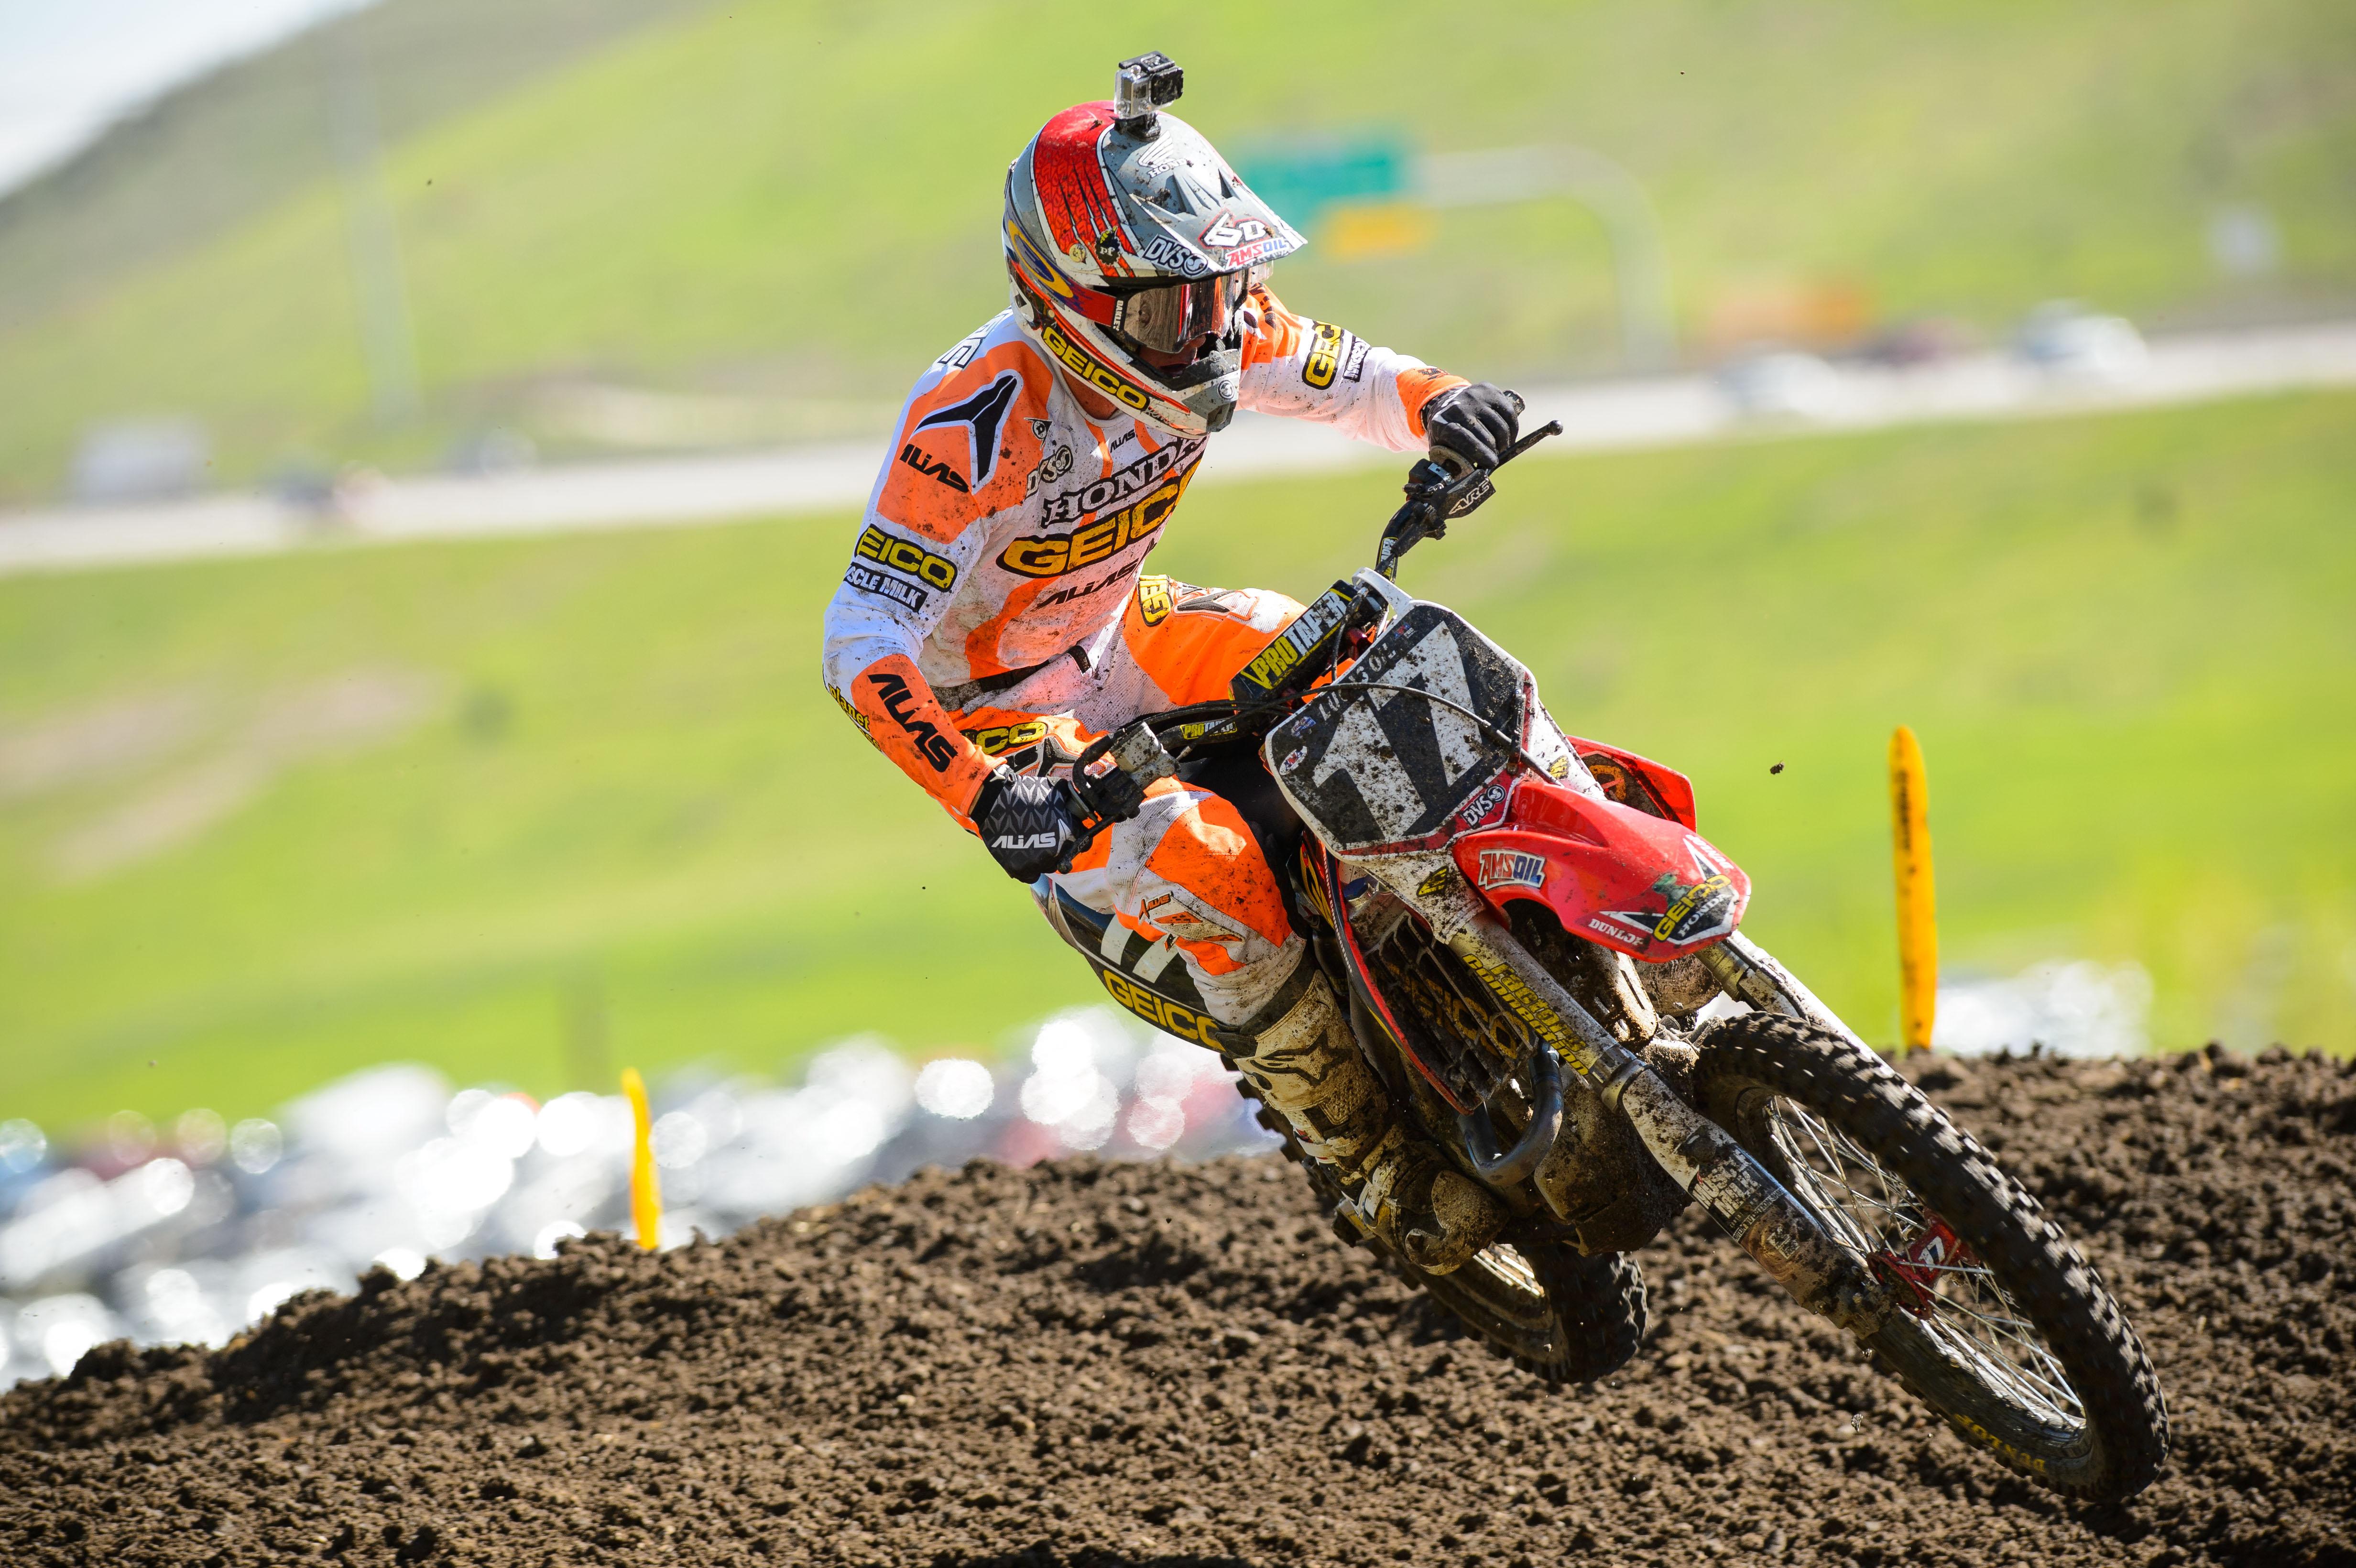 honda dirtbike moto motocross race racing wallpaper | 4928x3280